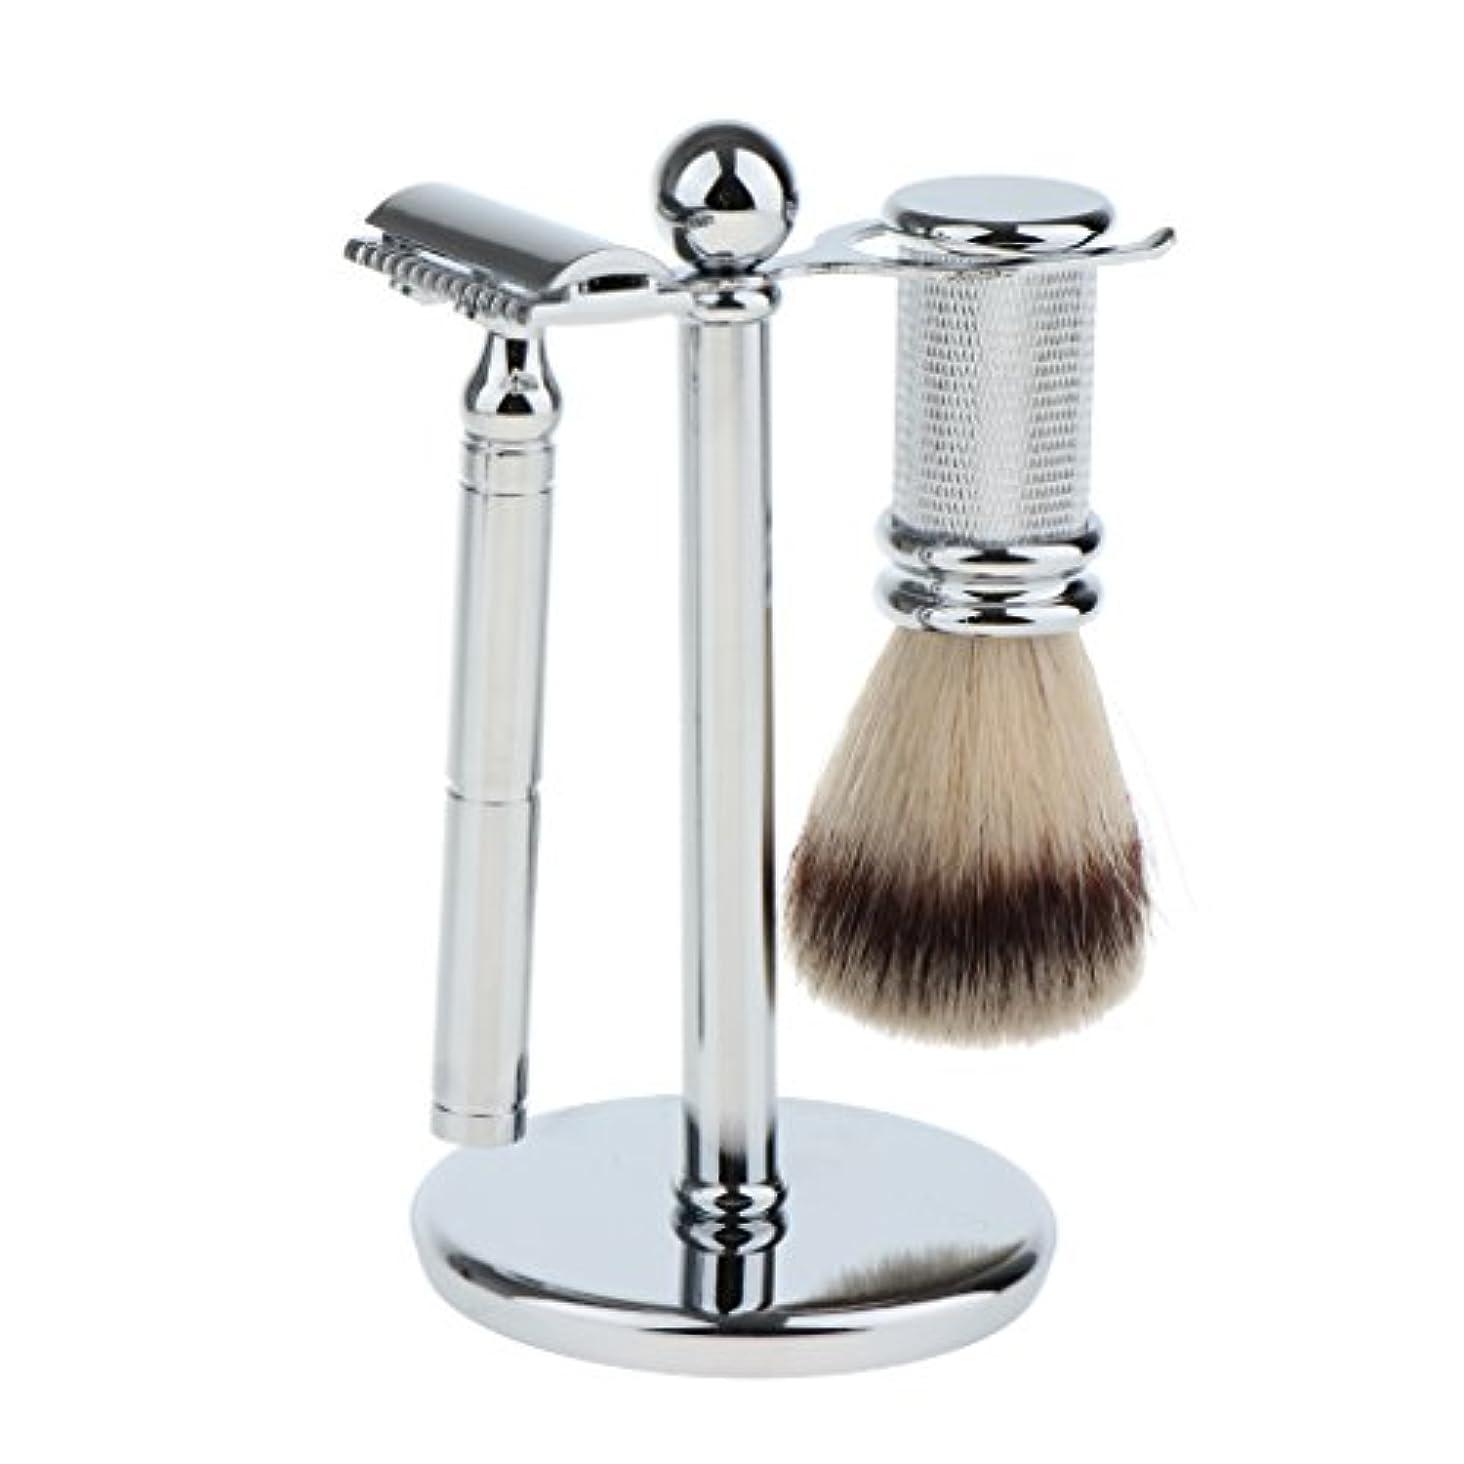 引き出しどこにも思いやりのあるスタンド ブラシ マニュアルシェーバー 3本セット 男性用 シェービング ブラシスタンド ダブルエッジ 剃刀